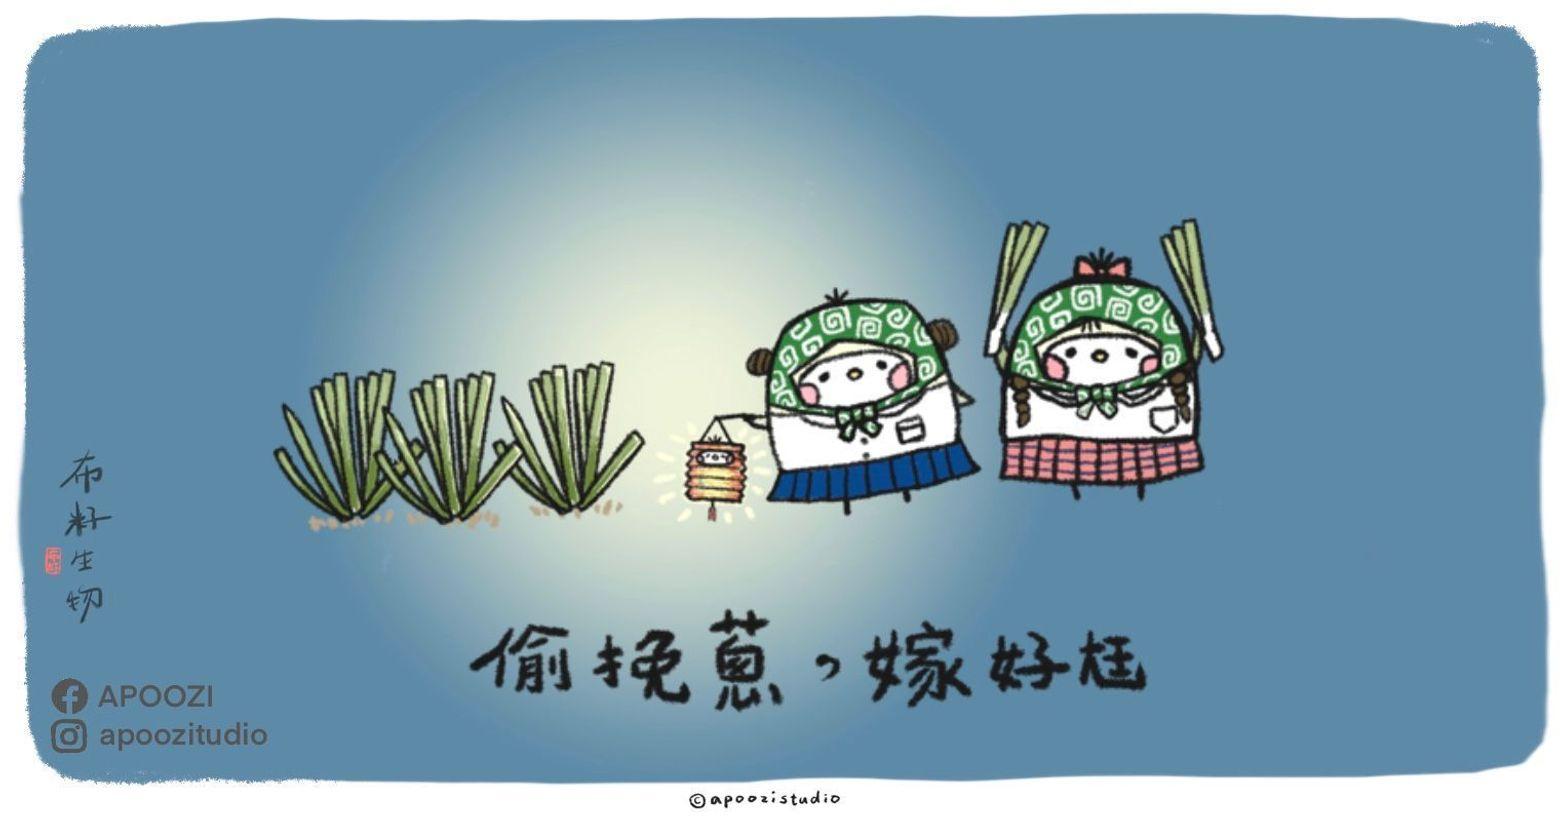 臺灣習俗 元宵節 偷挽蔥 嫁好尪?#布籽生物#元宵節#偷挽蔥嫁好尪#❤️你們知道元宵節偷摘蔥可以嫁到